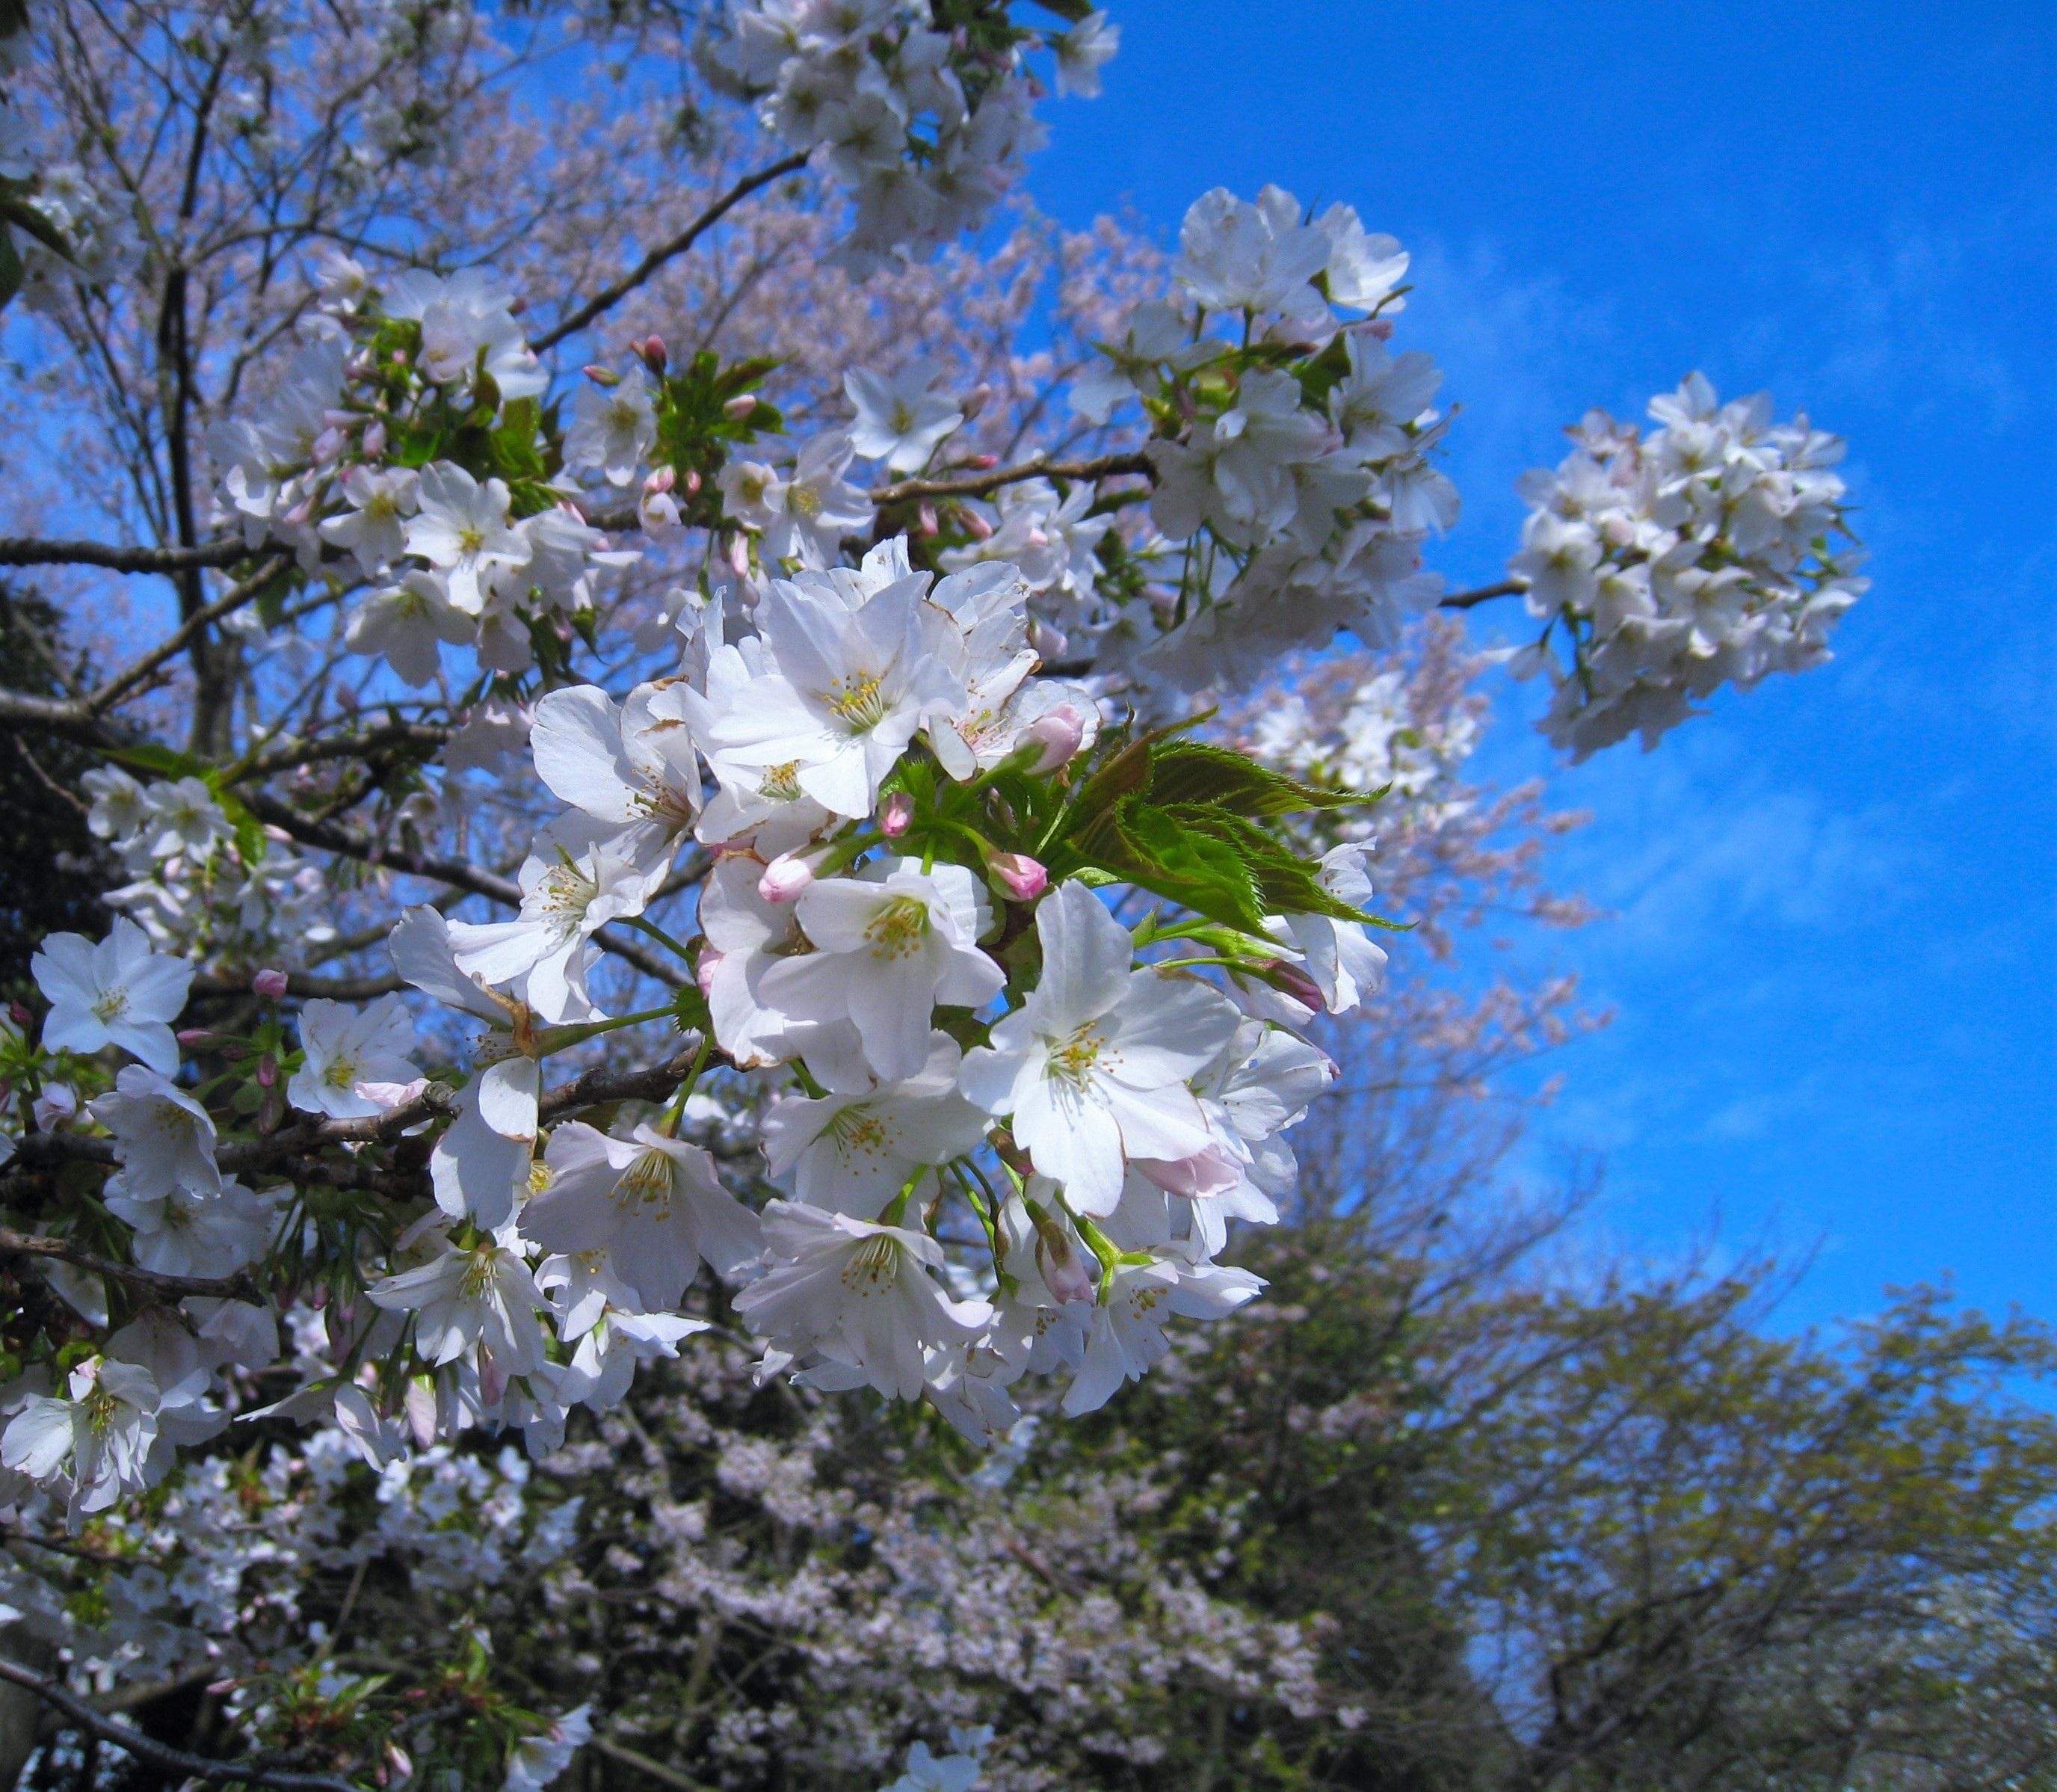 images gratuites arbre branche printemps produire japon flore fleur de cerisier arbuste. Black Bedroom Furniture Sets. Home Design Ideas